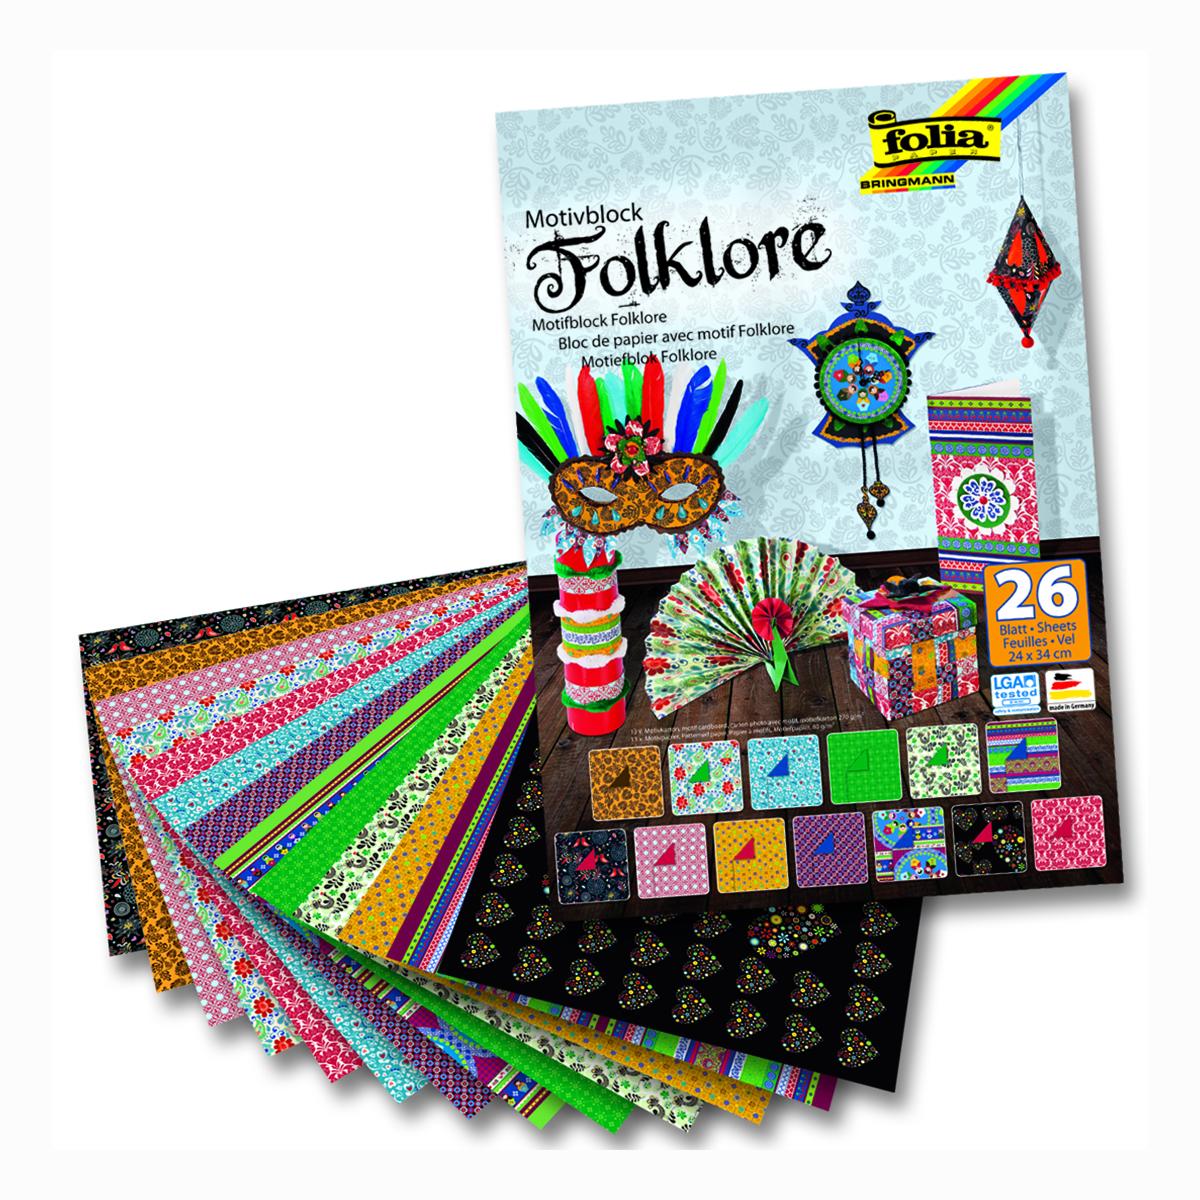 Набор дизайнерского картона Folia  Фольклор , 24 х 34 см, 26 листов -  Бумага цветная, картон